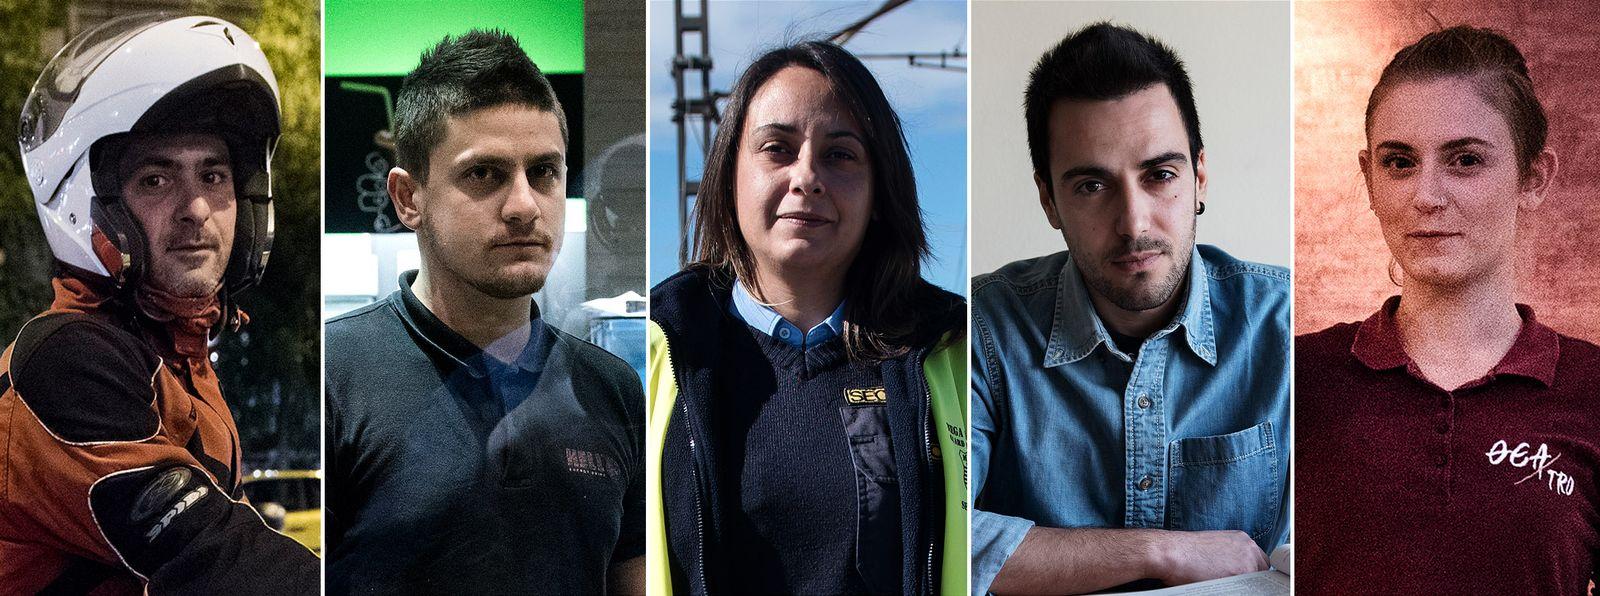 EINMALIGE VERWENDUNG COMBO/ Griechenland/ Arbeit